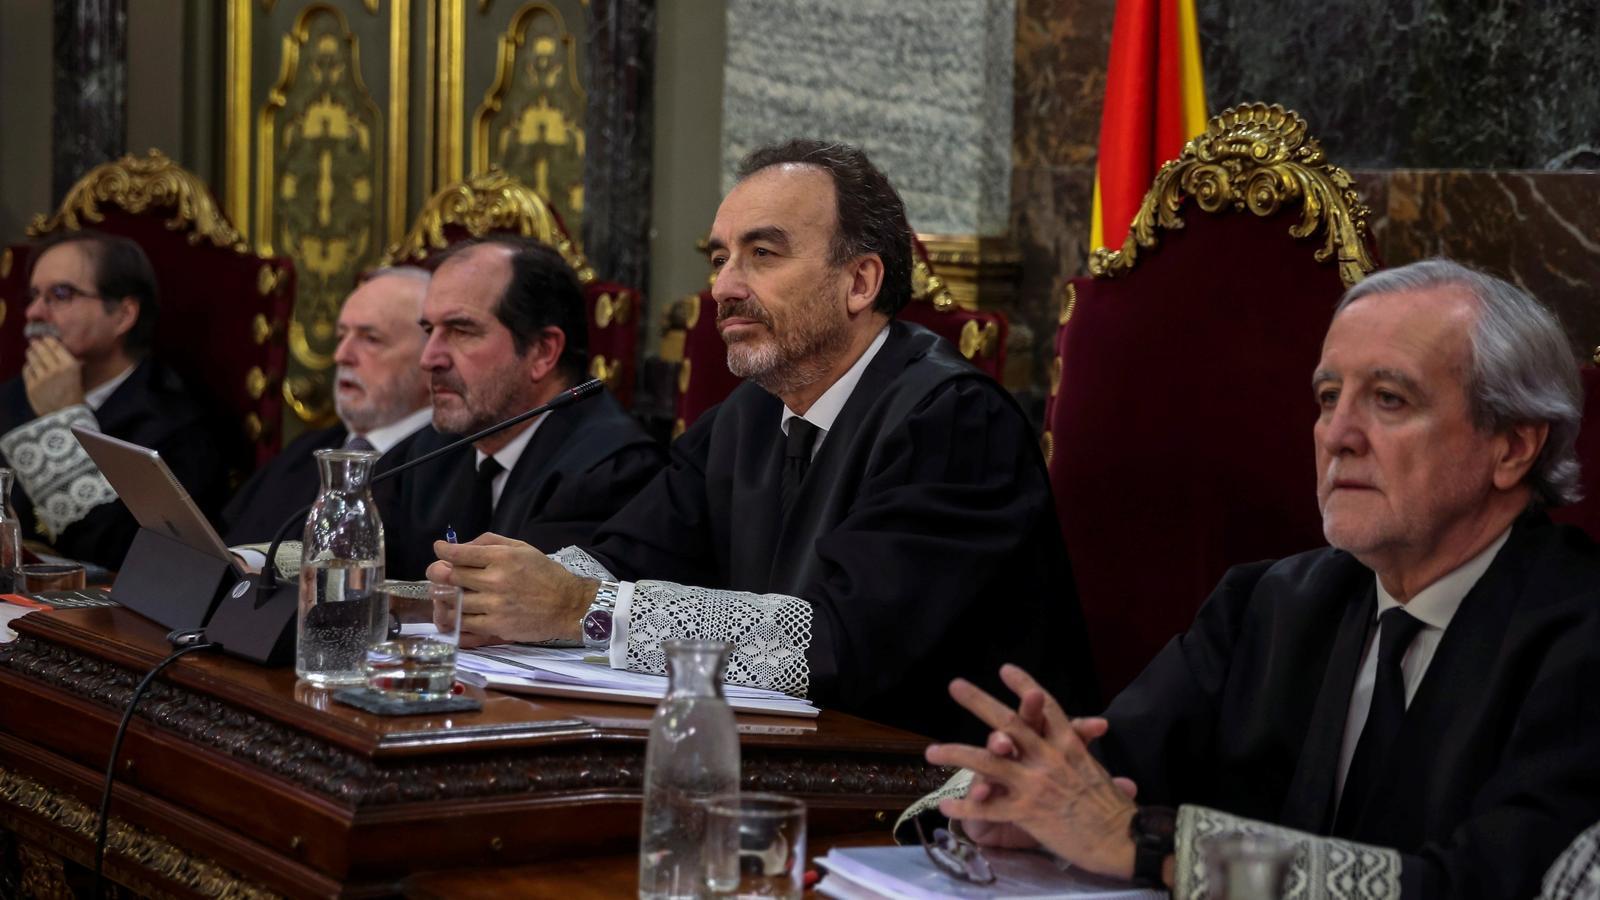 El presidente de la sala segunda del Tribunal Supremo, Manuel Marchena, durante el juicio / EMILIO NARANJO / EFE